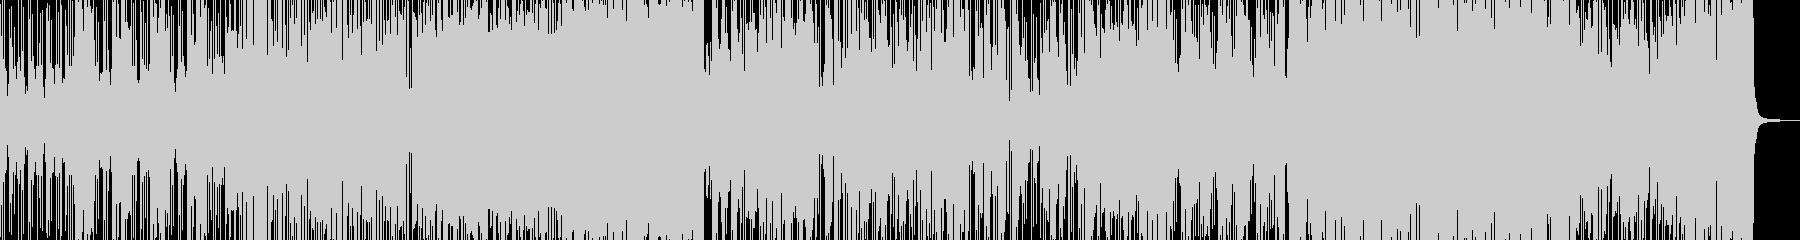 ファンク/ギター/かっこいい/展開多いの未再生の波形